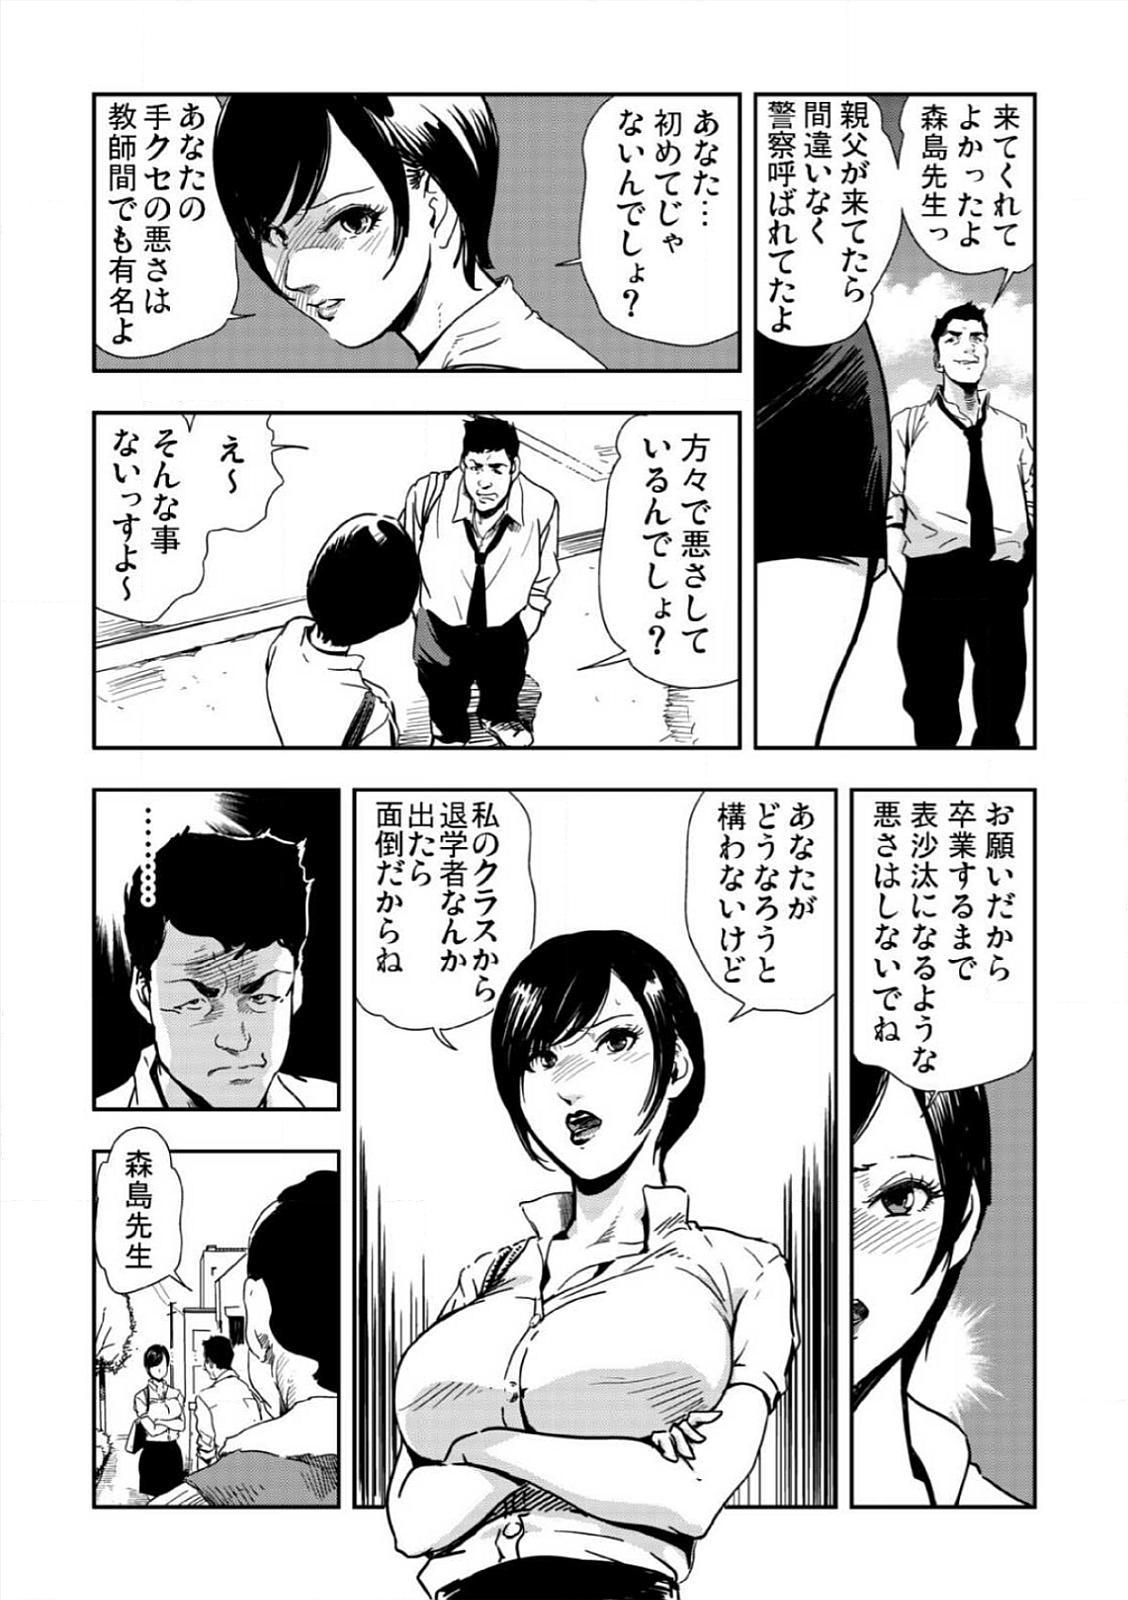 [Misaki Yukihiro] Kyousei Shidou ~Mechakucha ni Kegasarete~ (1)~(6) [Digital] 135